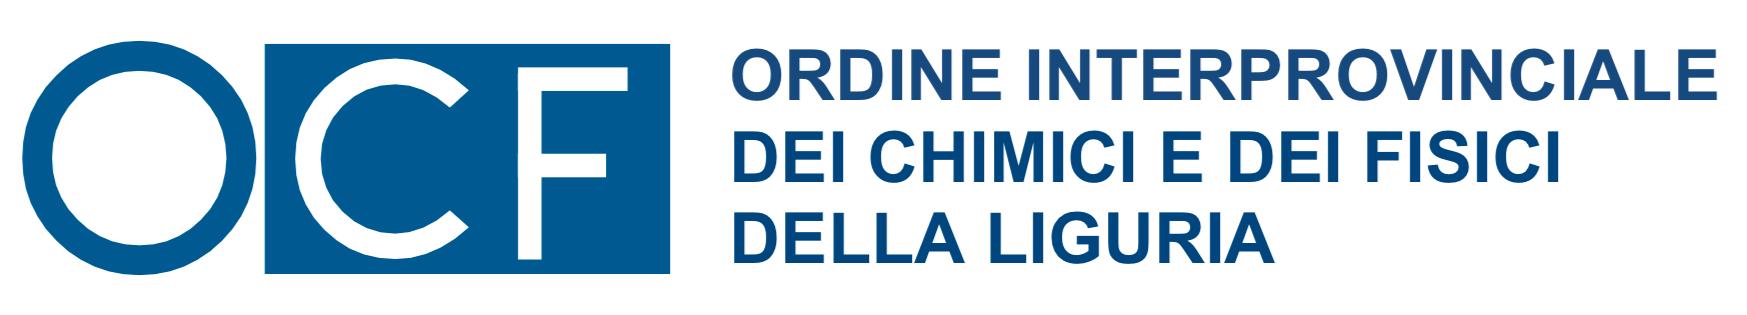 ORDINE INTERPROVINCIALE DEI CHIMICI E DEI FISICI DELLA LIGURIA